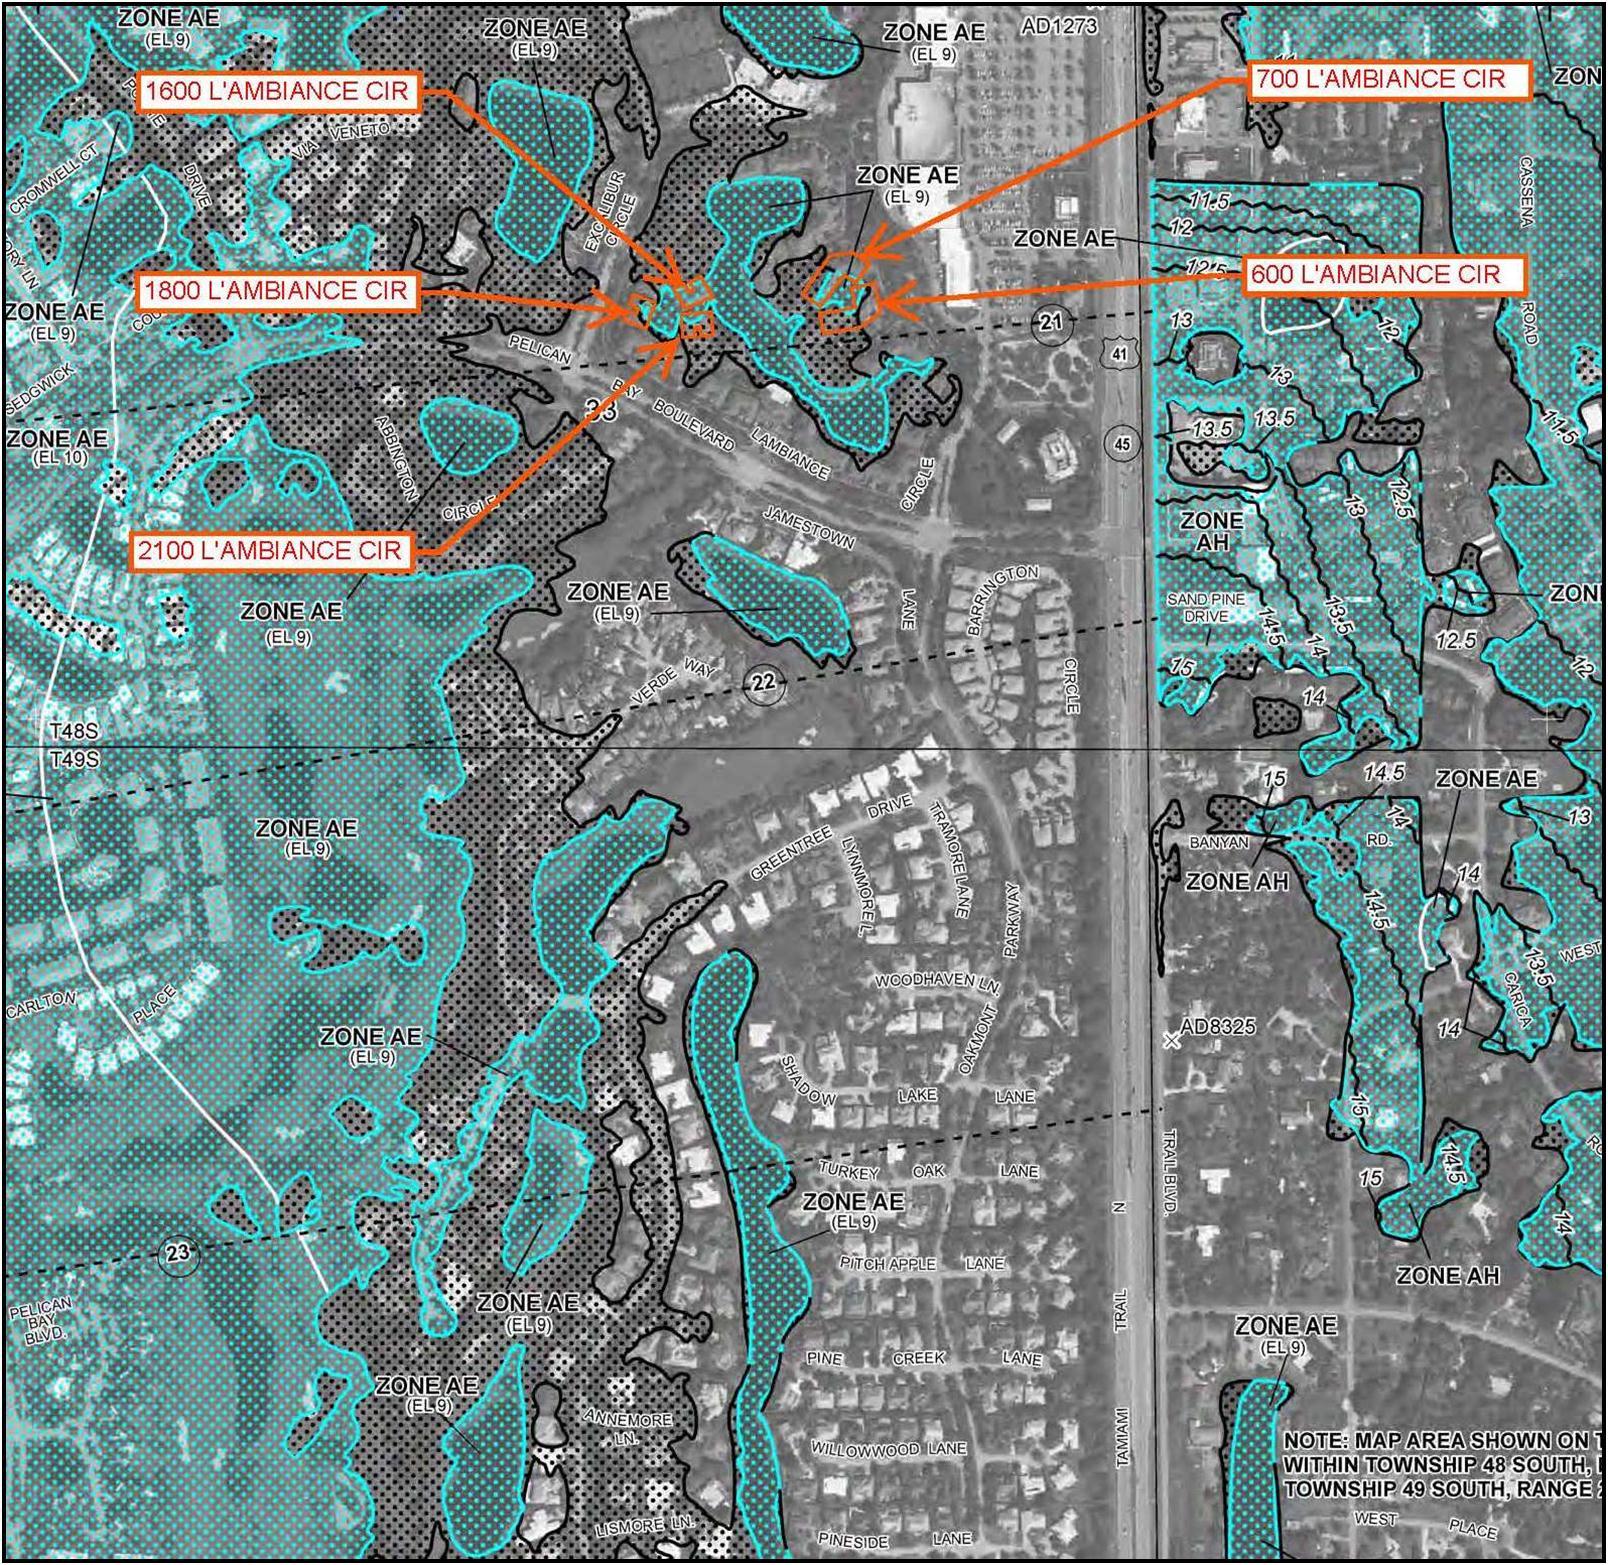 Hydrologic Analysis Southwest Florida Naples Fort Myers - Naples Florida Flood Zone Map